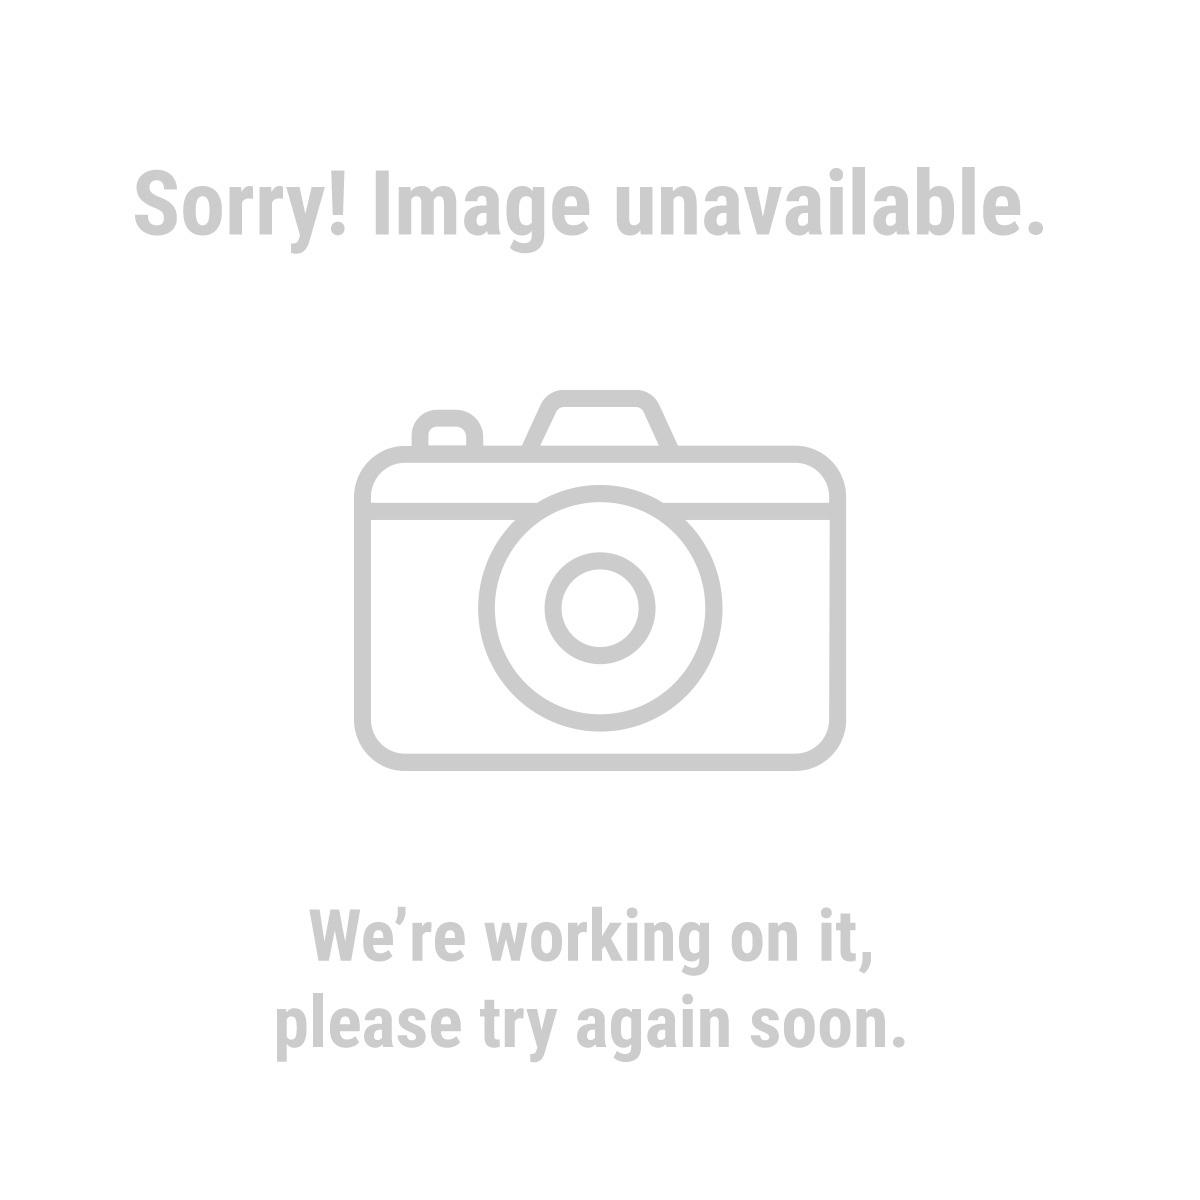 WD-40® 93189 12 Oz. WD-40® Smart Straw Lubricant